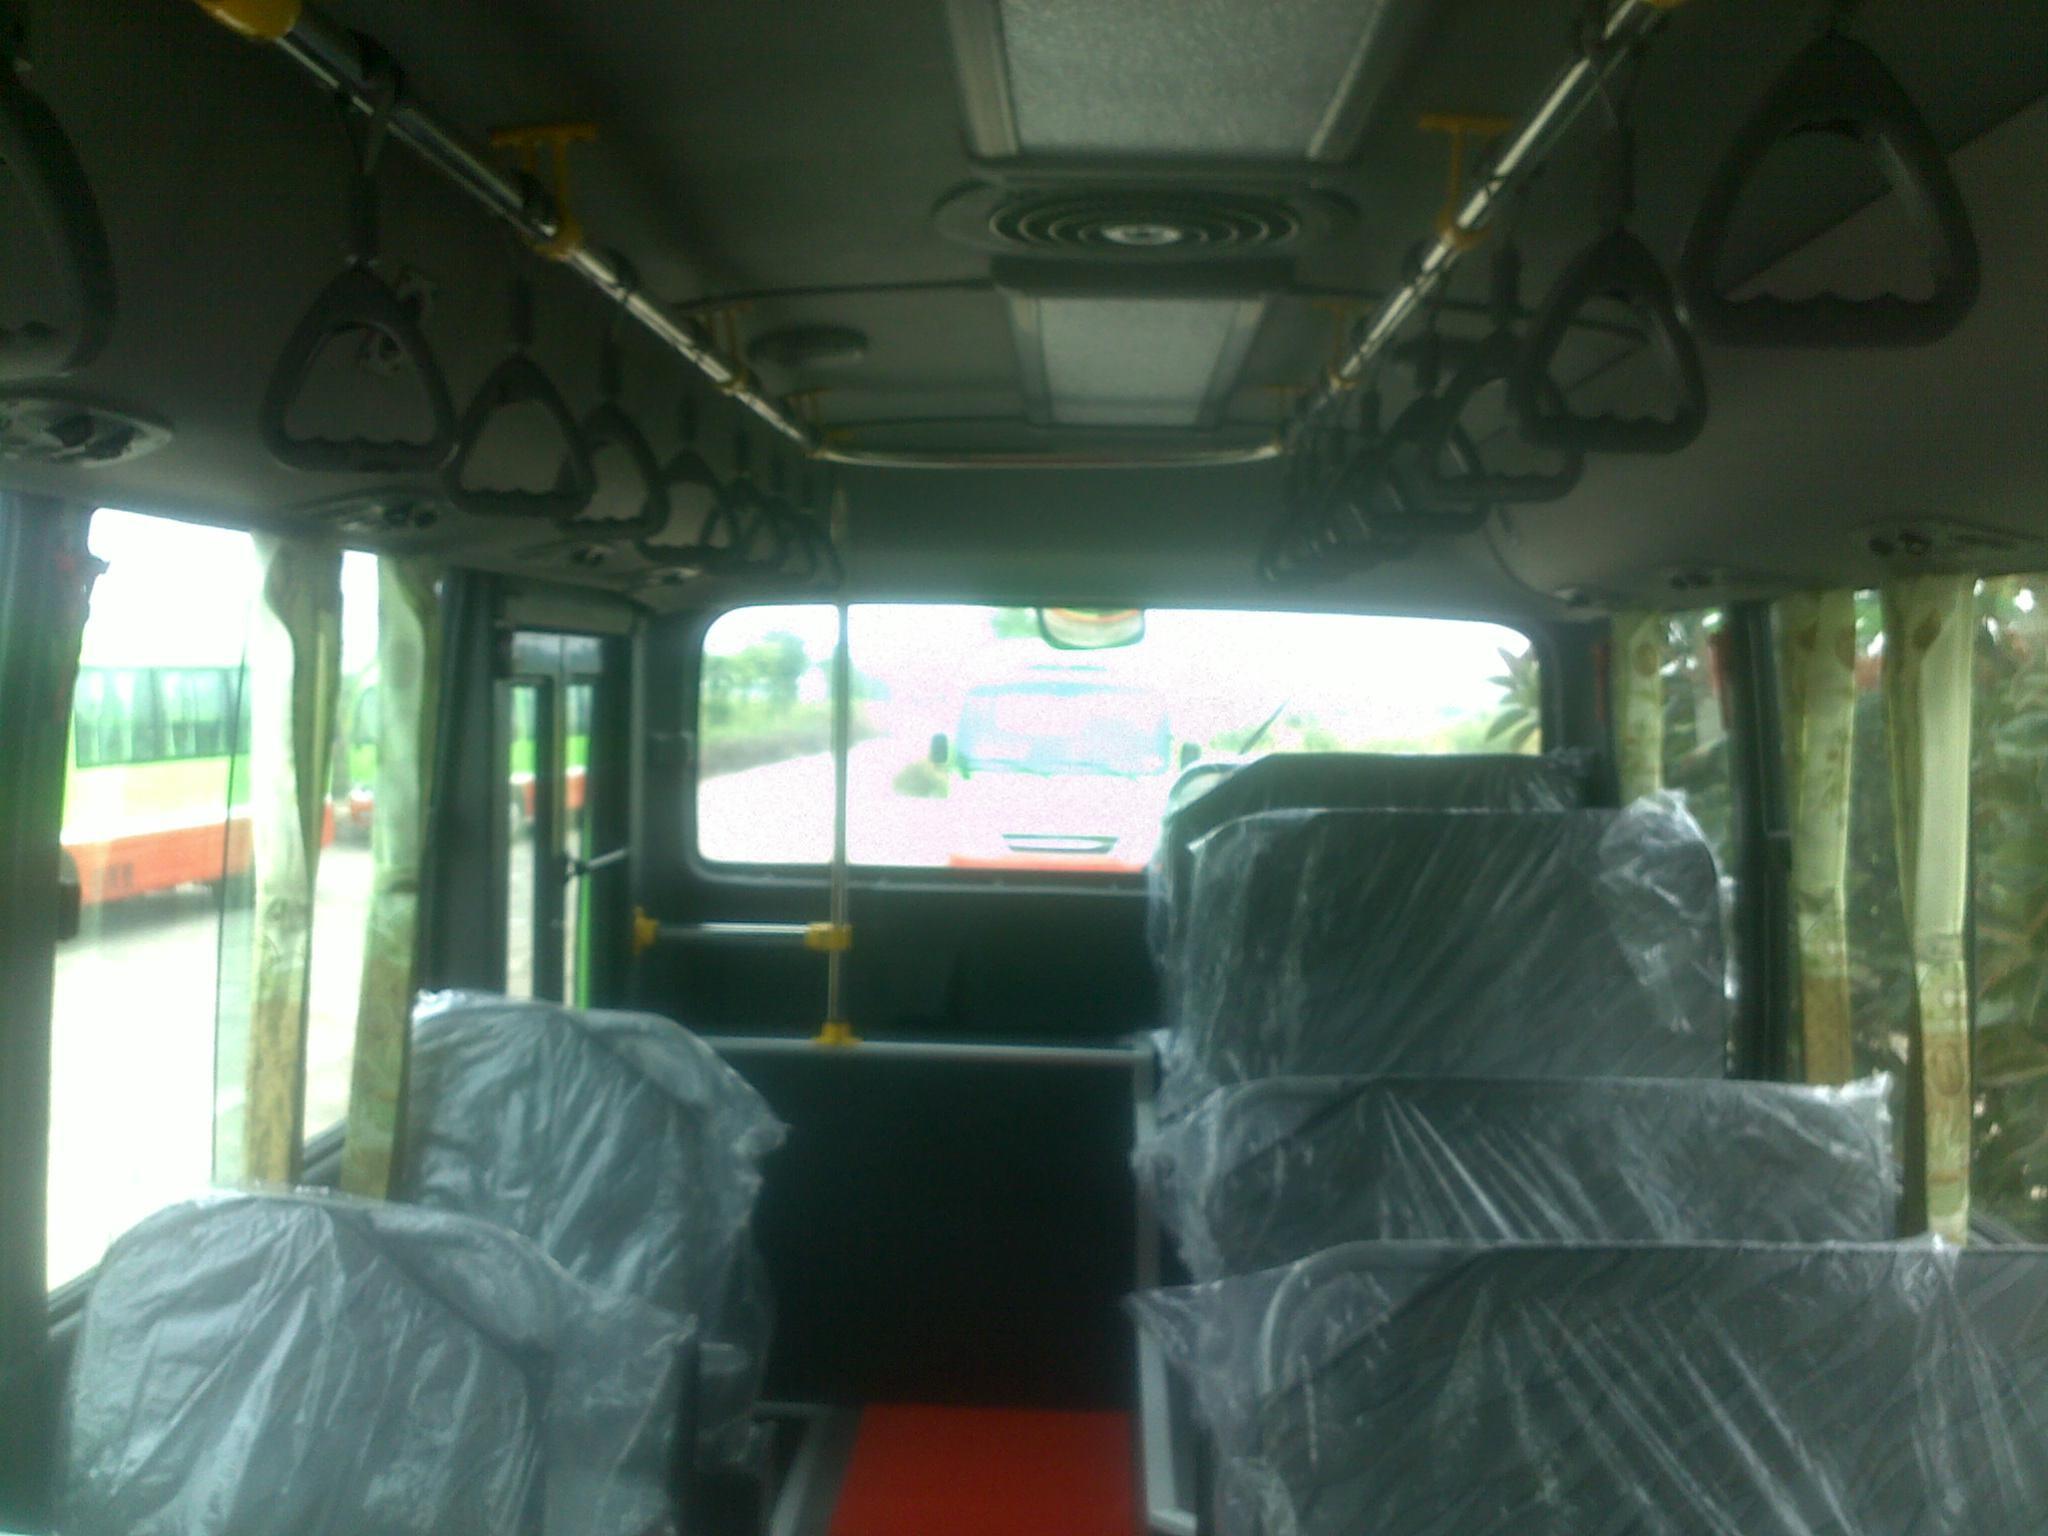 hmt-bus-b40-ngo-gia-tu-huyndai-than-dai-4